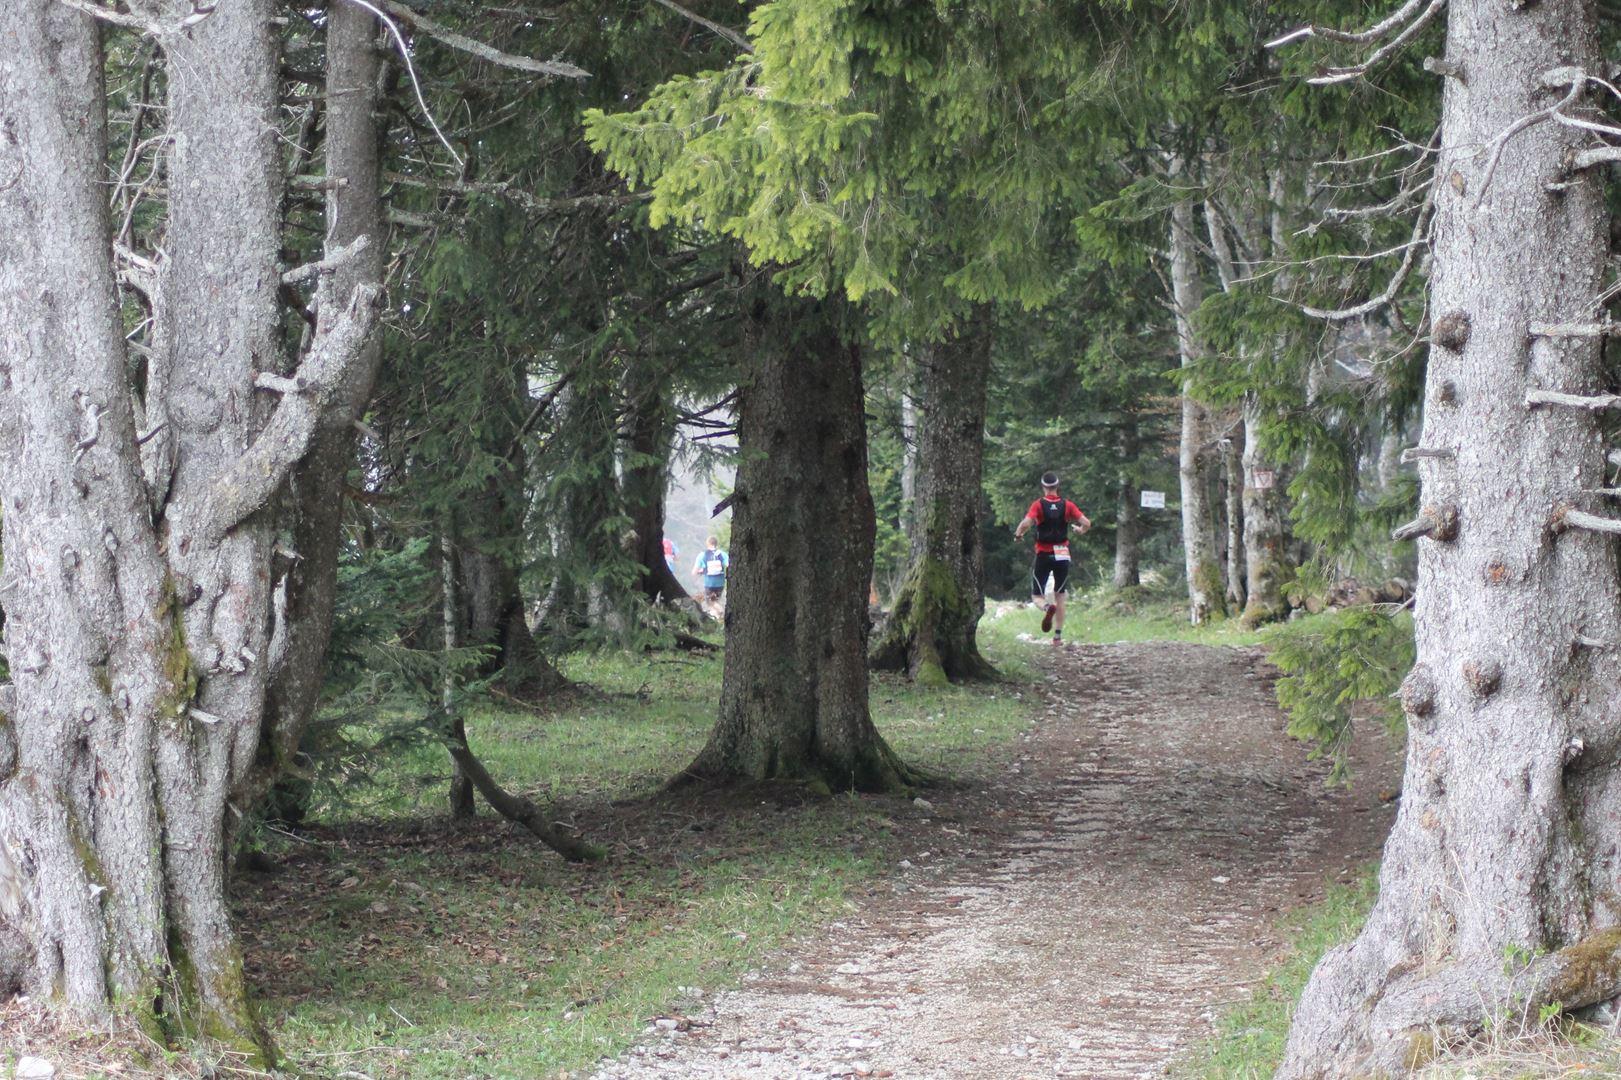 passage en forêt - RESULTATS ET PHOTOS DU TRAIL BE RUN - DUINGT (74)-AIX LES BAINS (73) - 14-05-2017